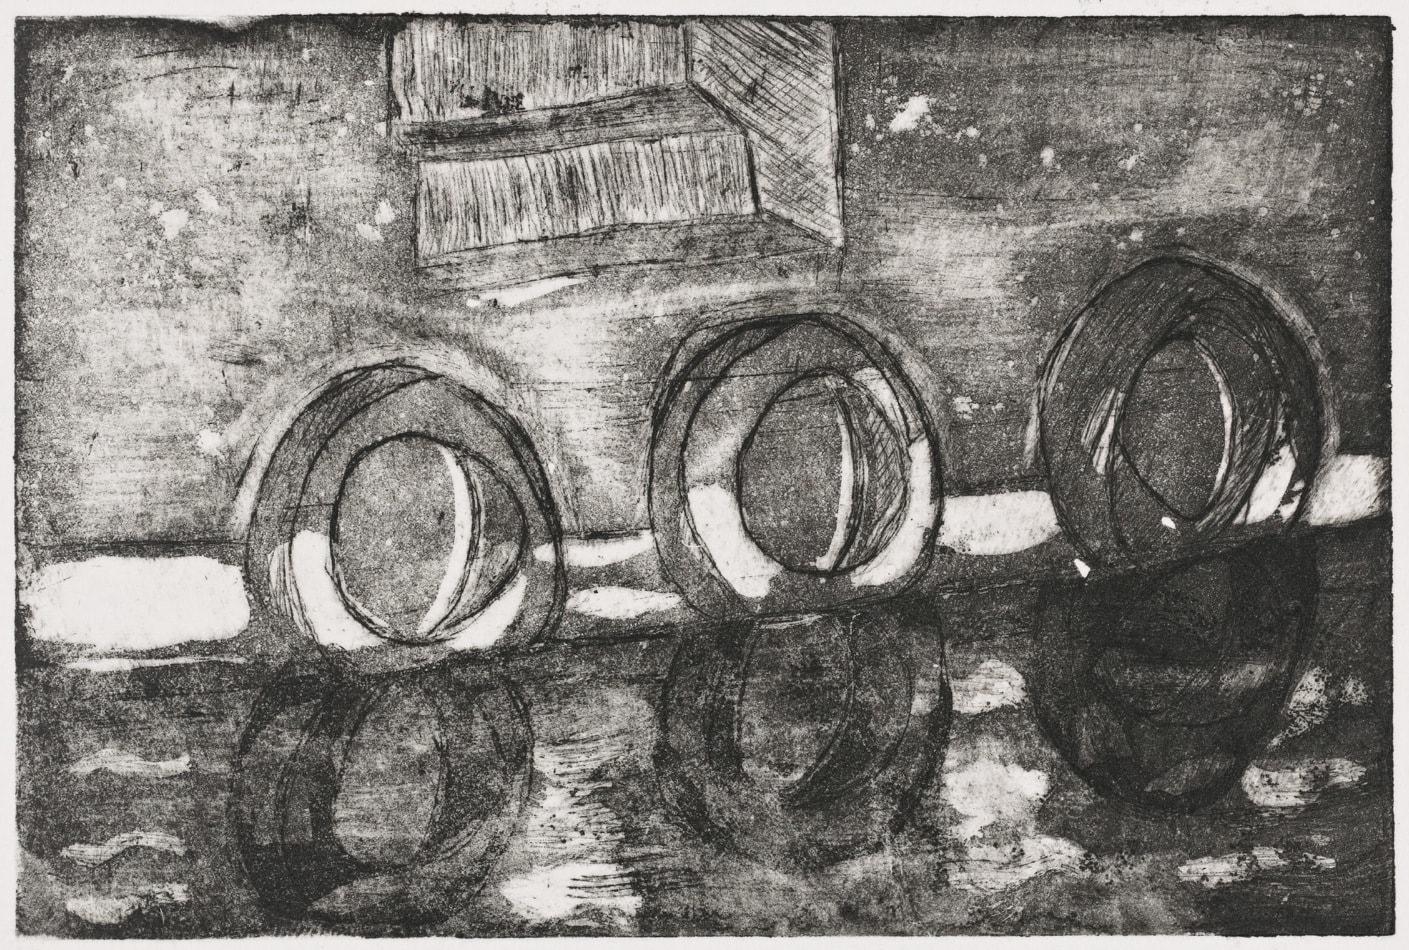 Gravure - Eau forte et aquatinte - Reflets des pneus dans l'eau